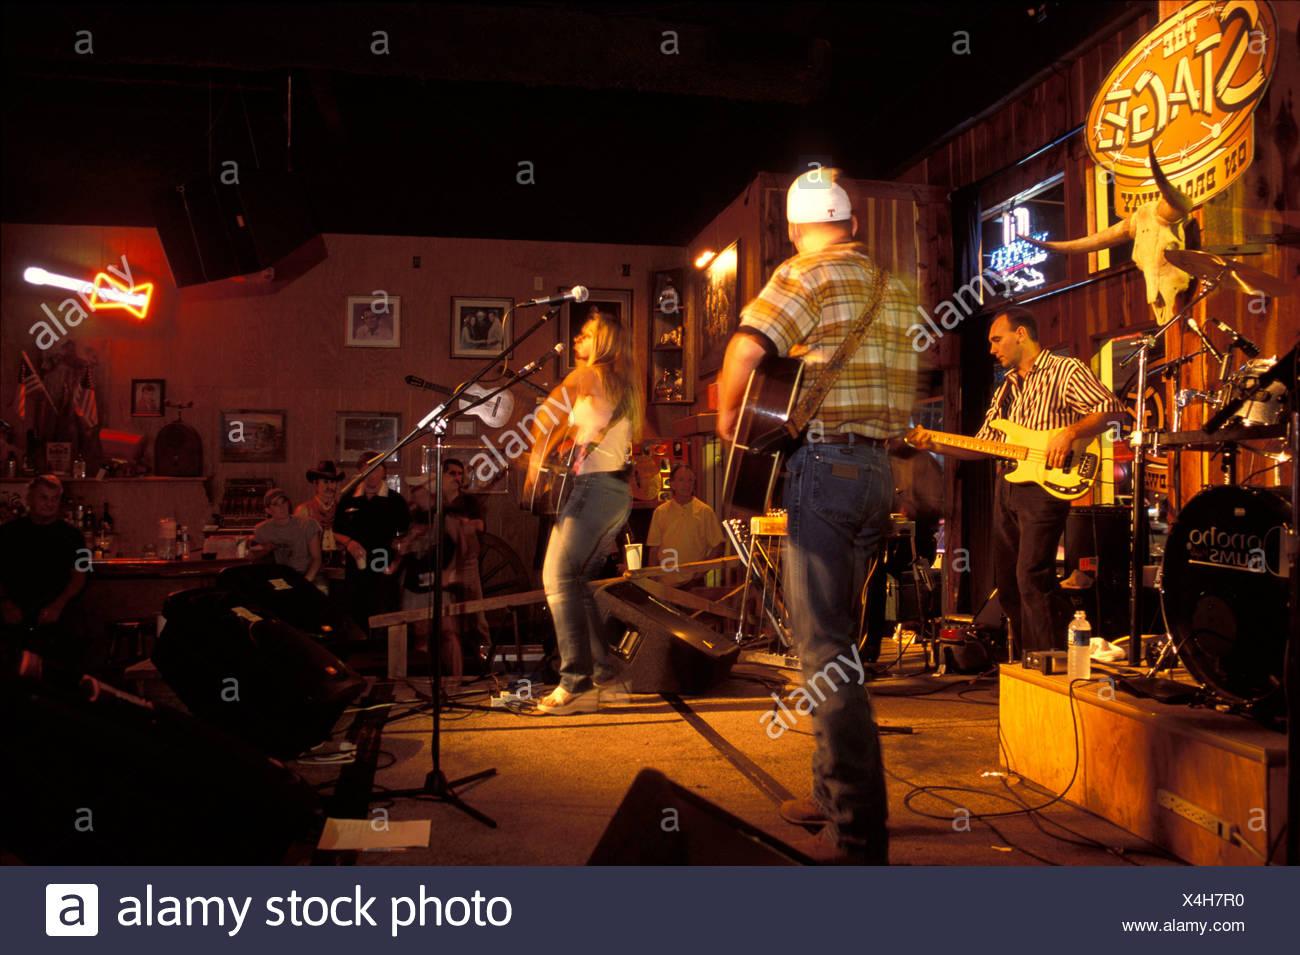 Bar Broadway concerto volume paese cowboy Downtown entertainment uscire all'interno di ascoltatore musica musica club Immagini Stock